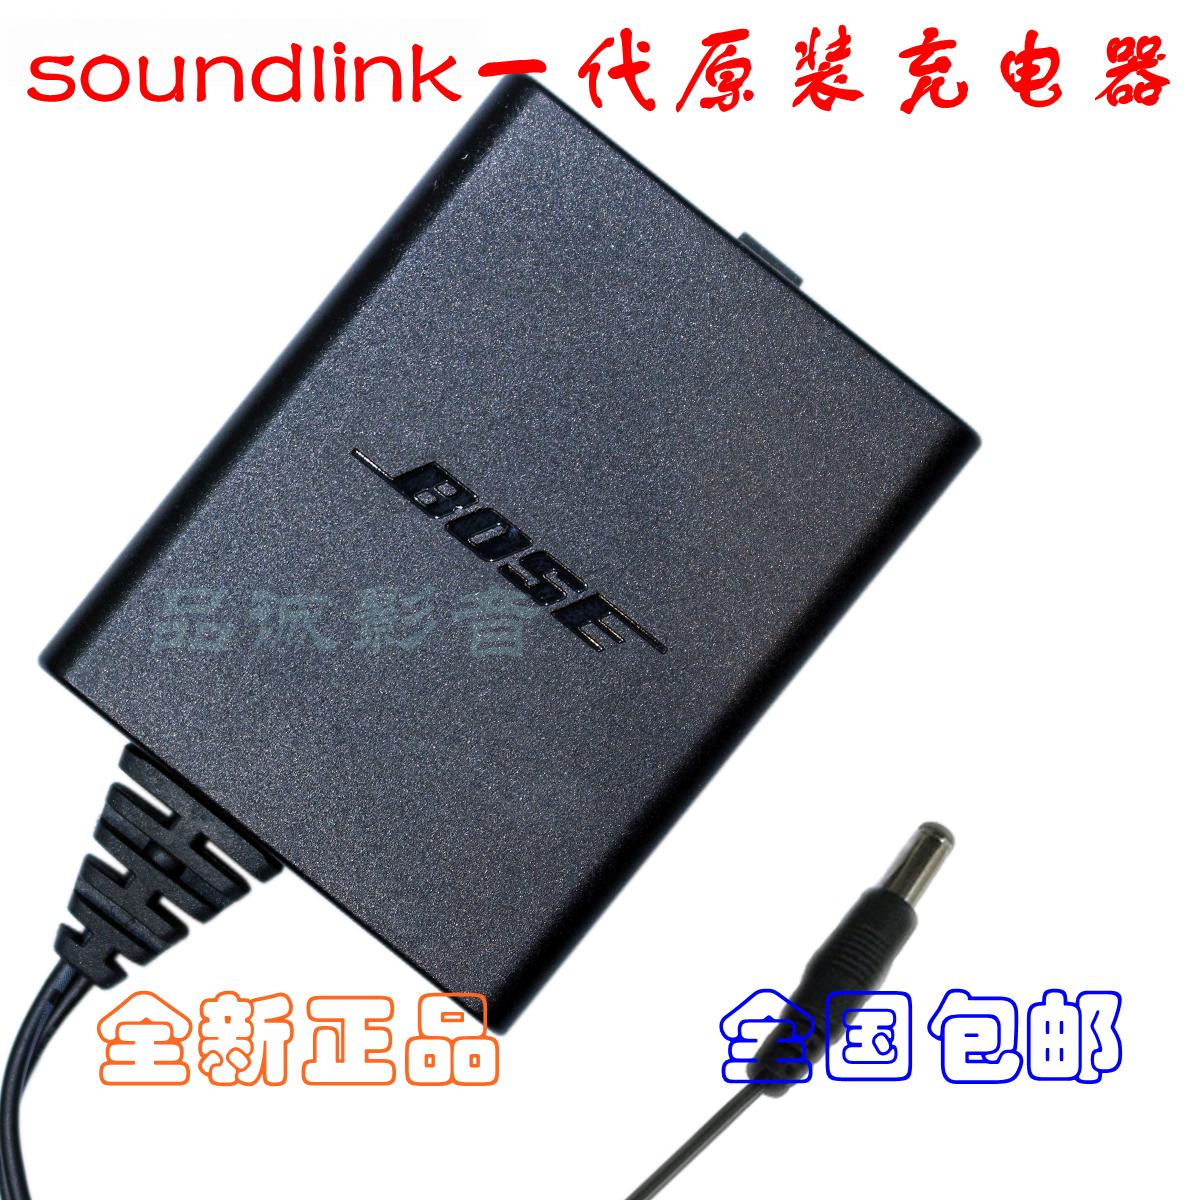 Оригинал BOSE доктор наук SoundLink mini зарядное устройство адаптер питания совершенно новый 12V 0.833A